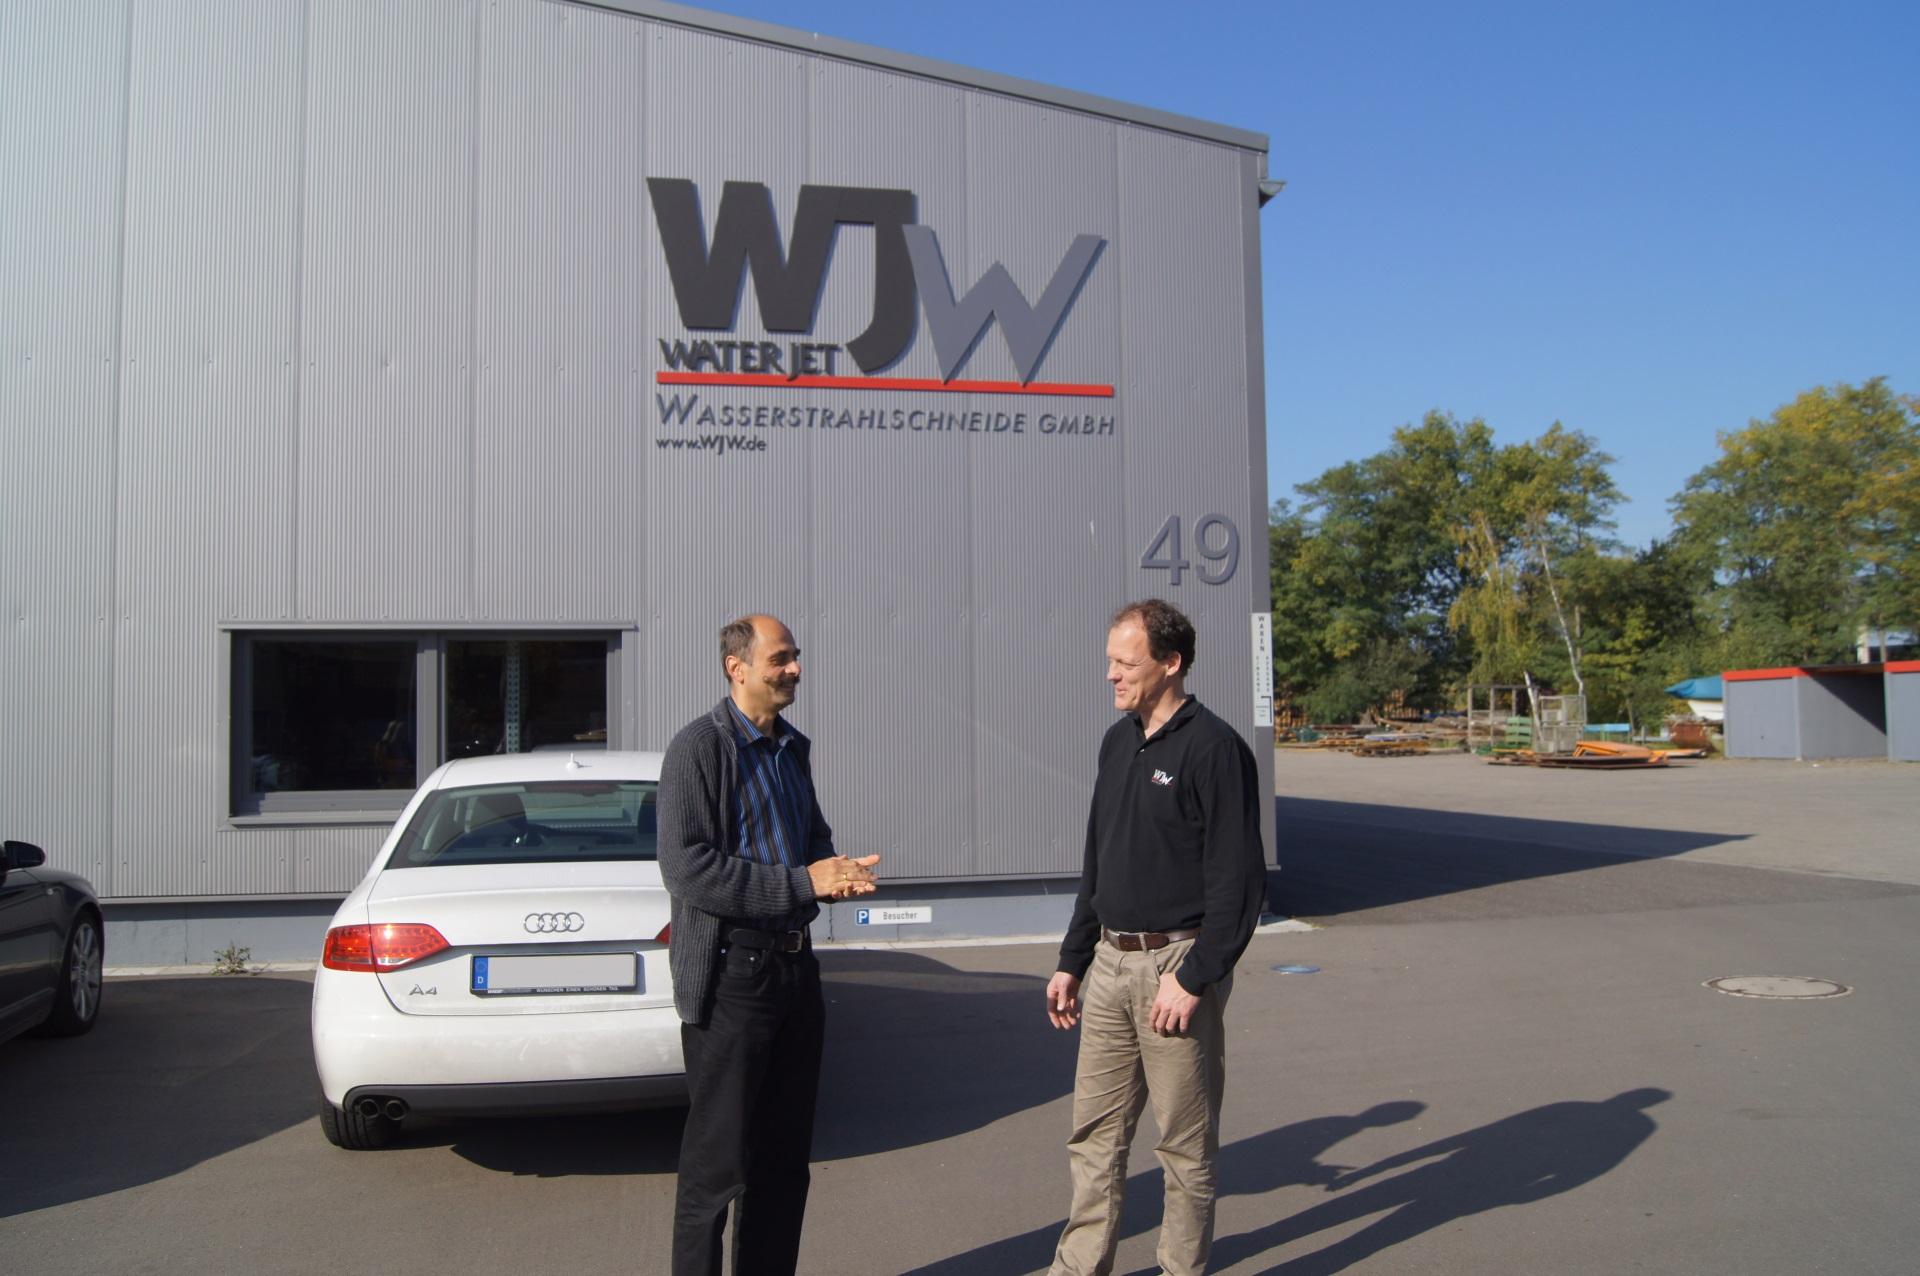 WJW Waterjet Wasserstrahlschneide GmbH - Factory